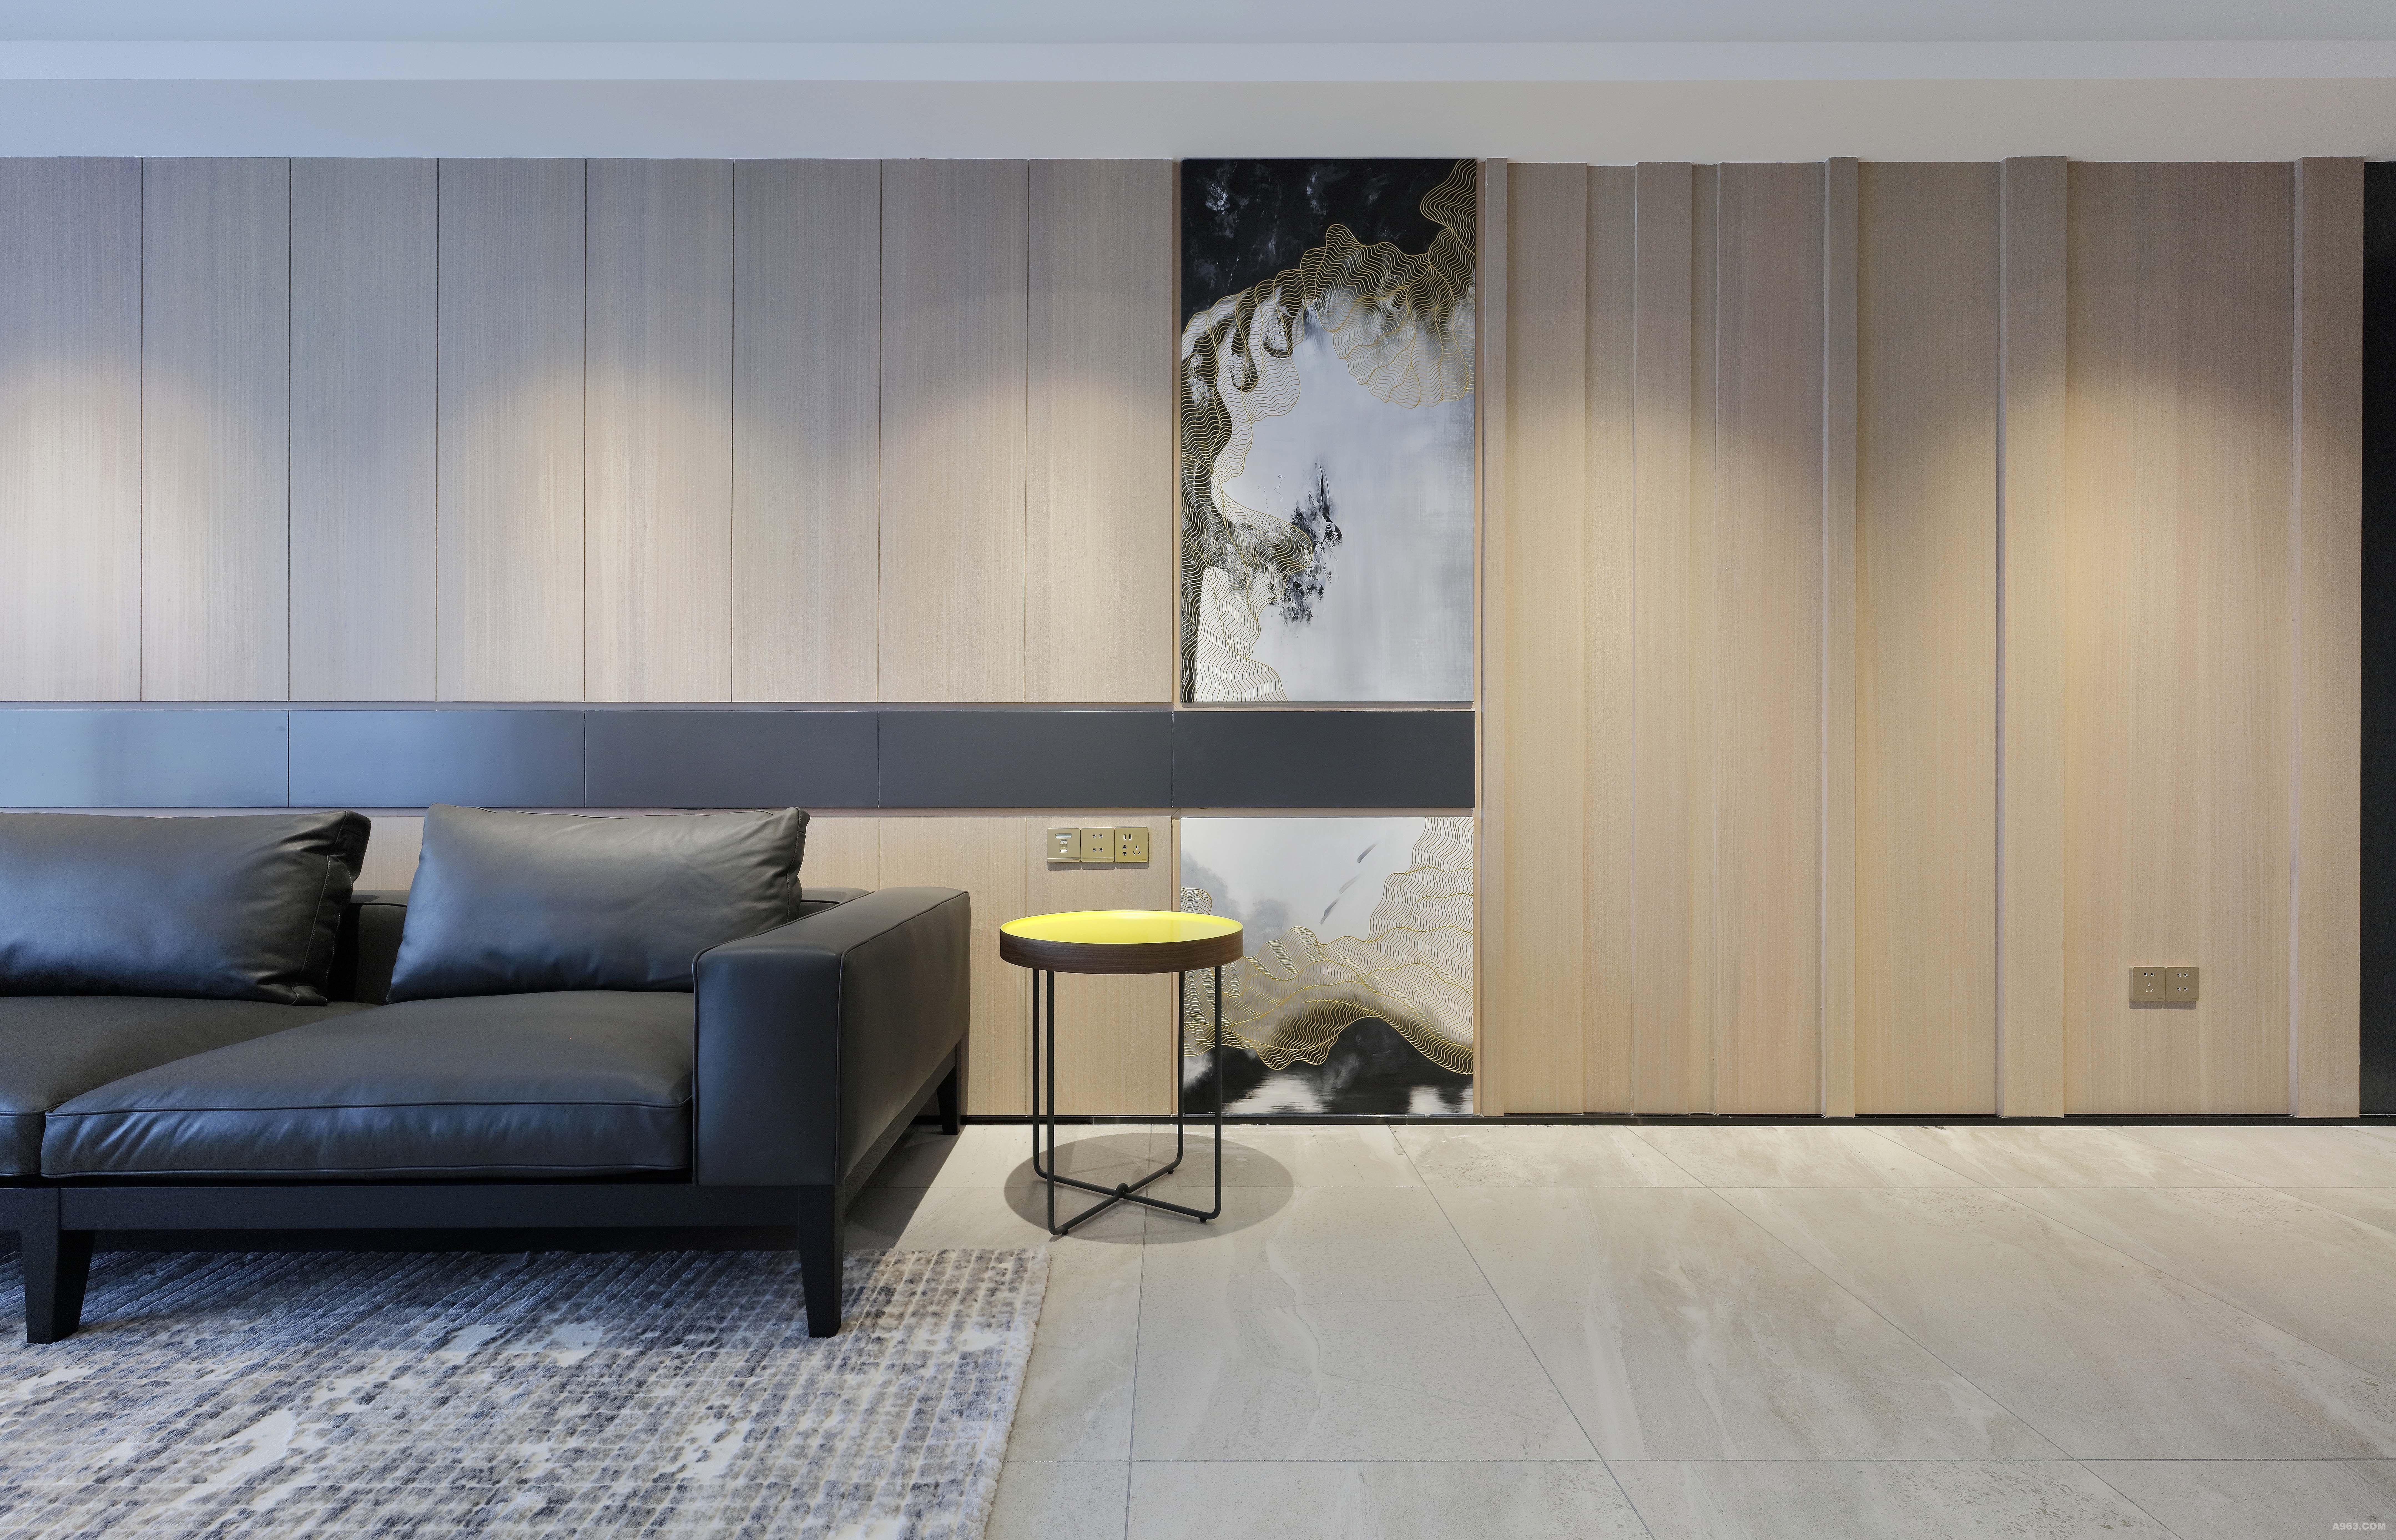 沙发一角 定制油画上墙,将客厅、餐厅连为一体的墙面做分割。增加过道面向客厅的视觉美感。